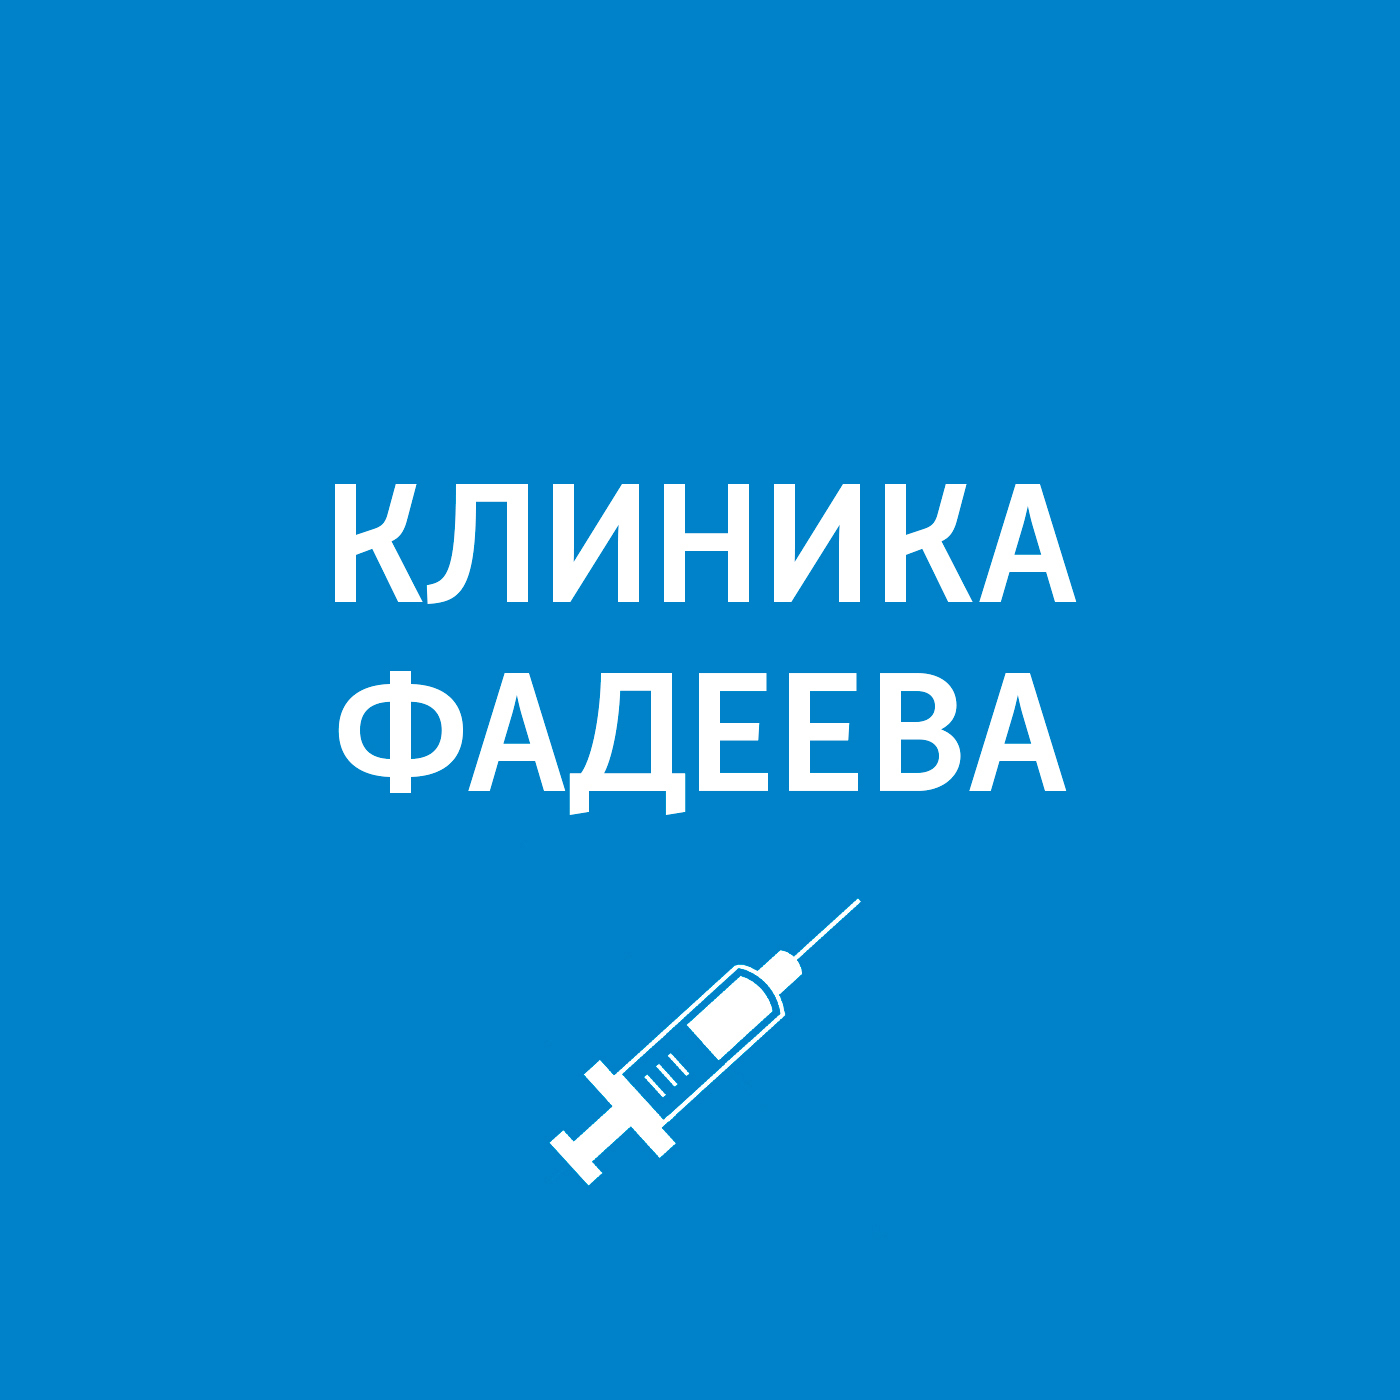 Пётр Фадеев Врач-эндокринолог о сезонных патологиях щитовидной железы алефиров а фитотерапия заболеваний щитовидной железы